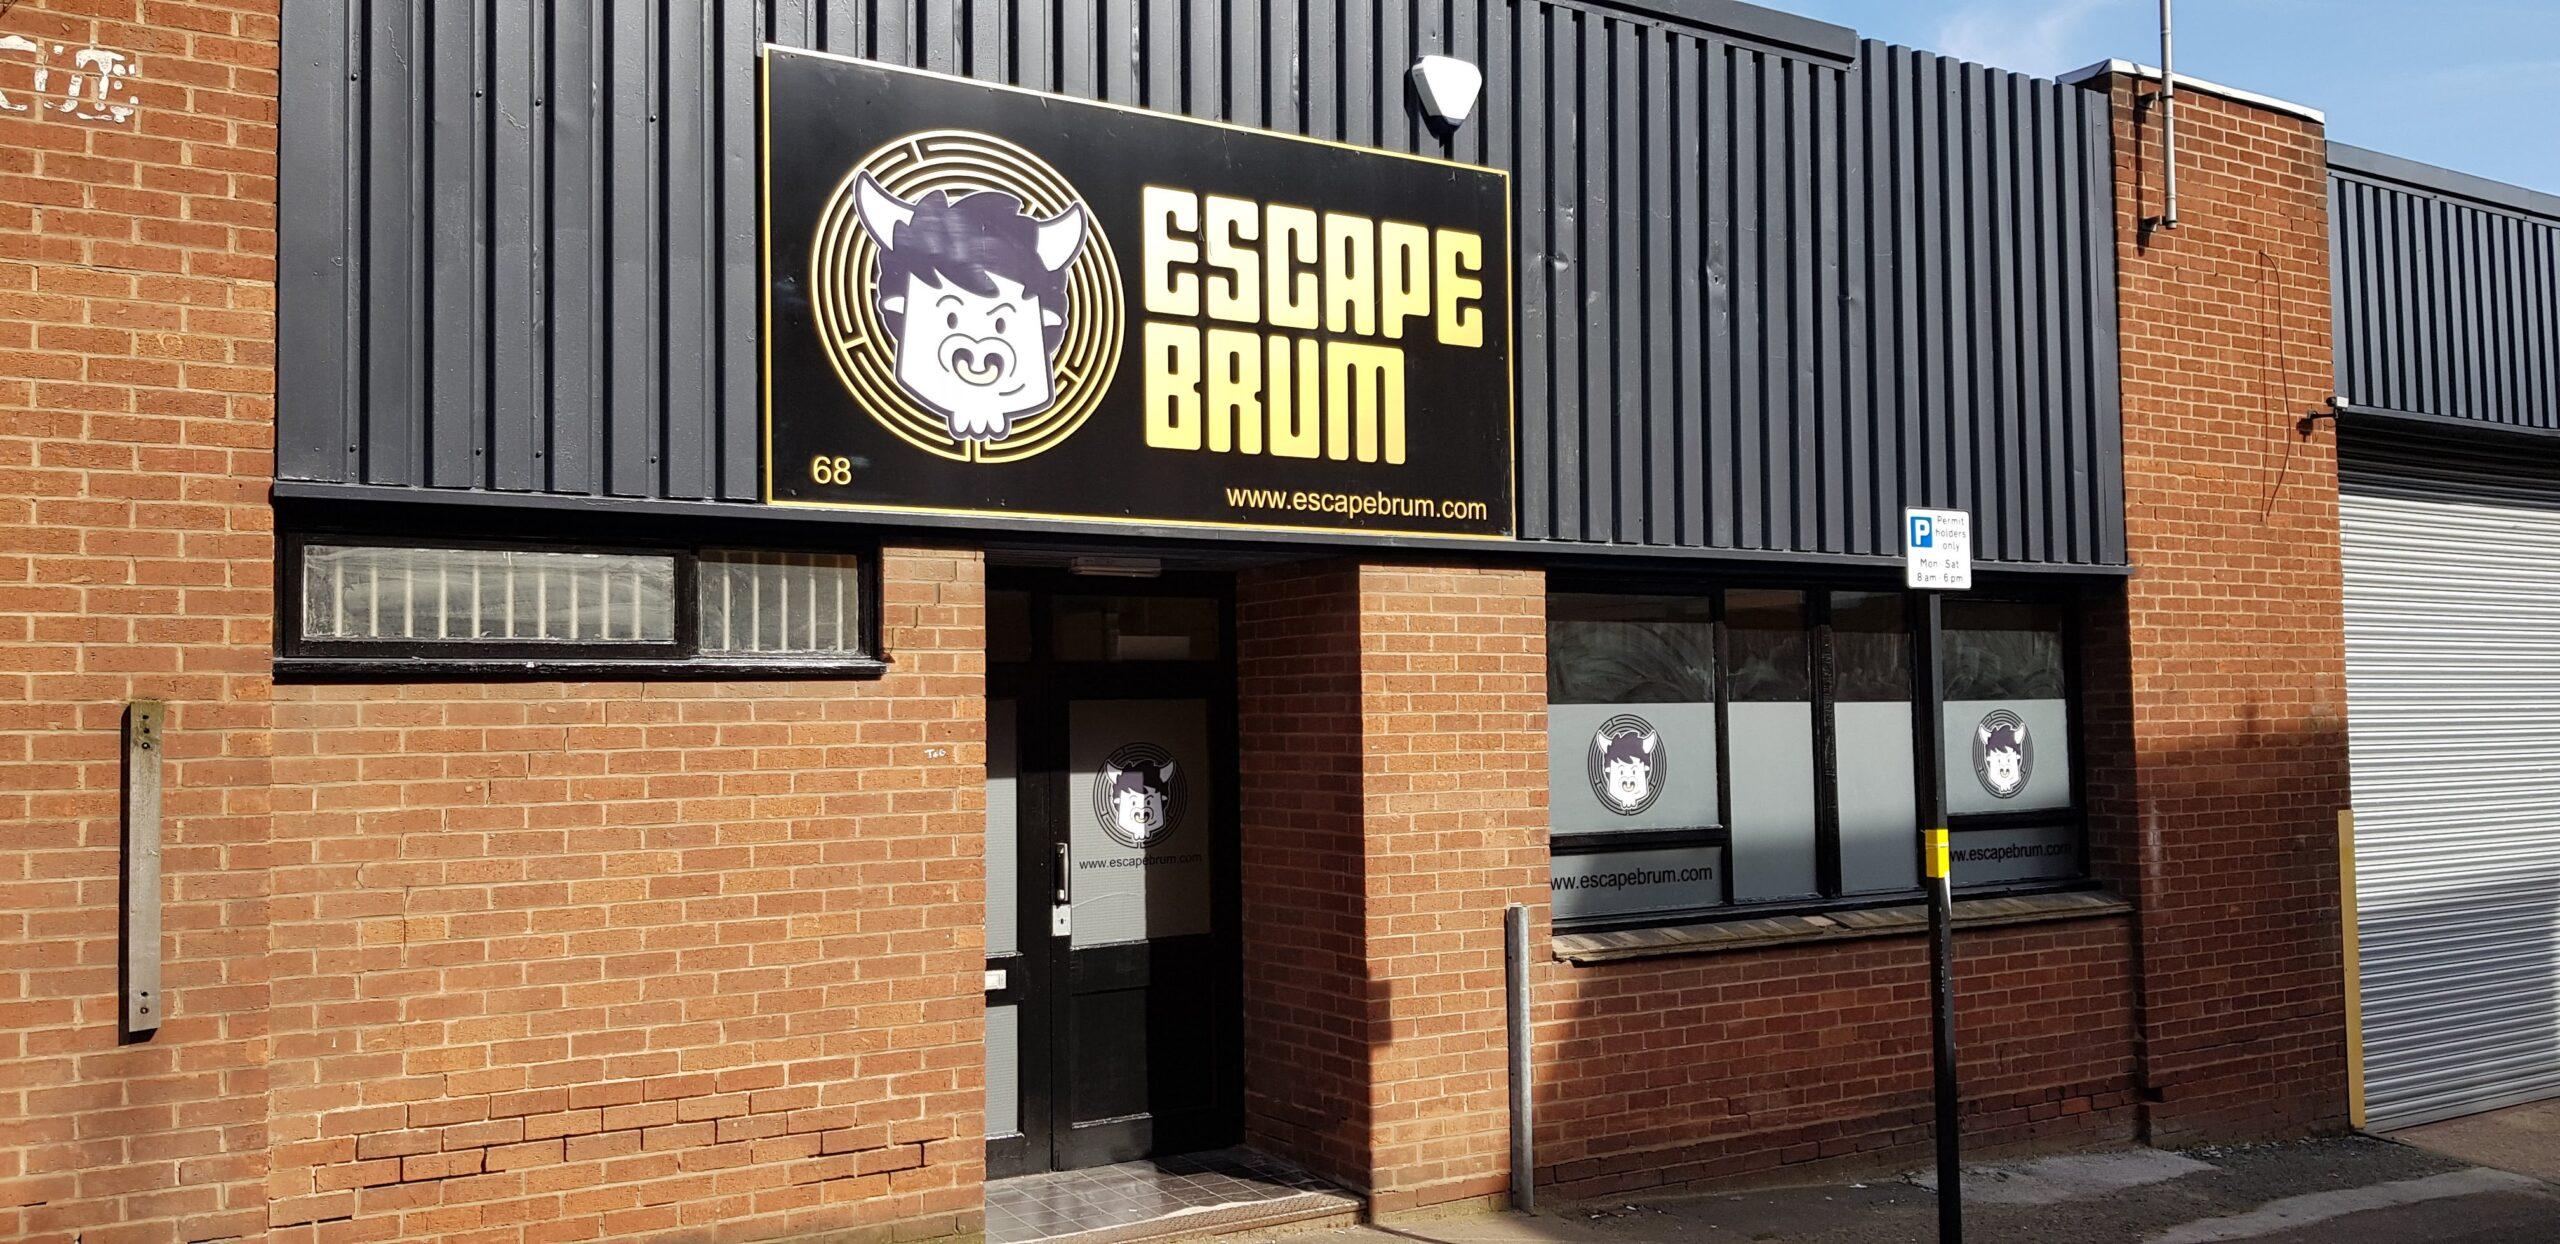 Escape Brum